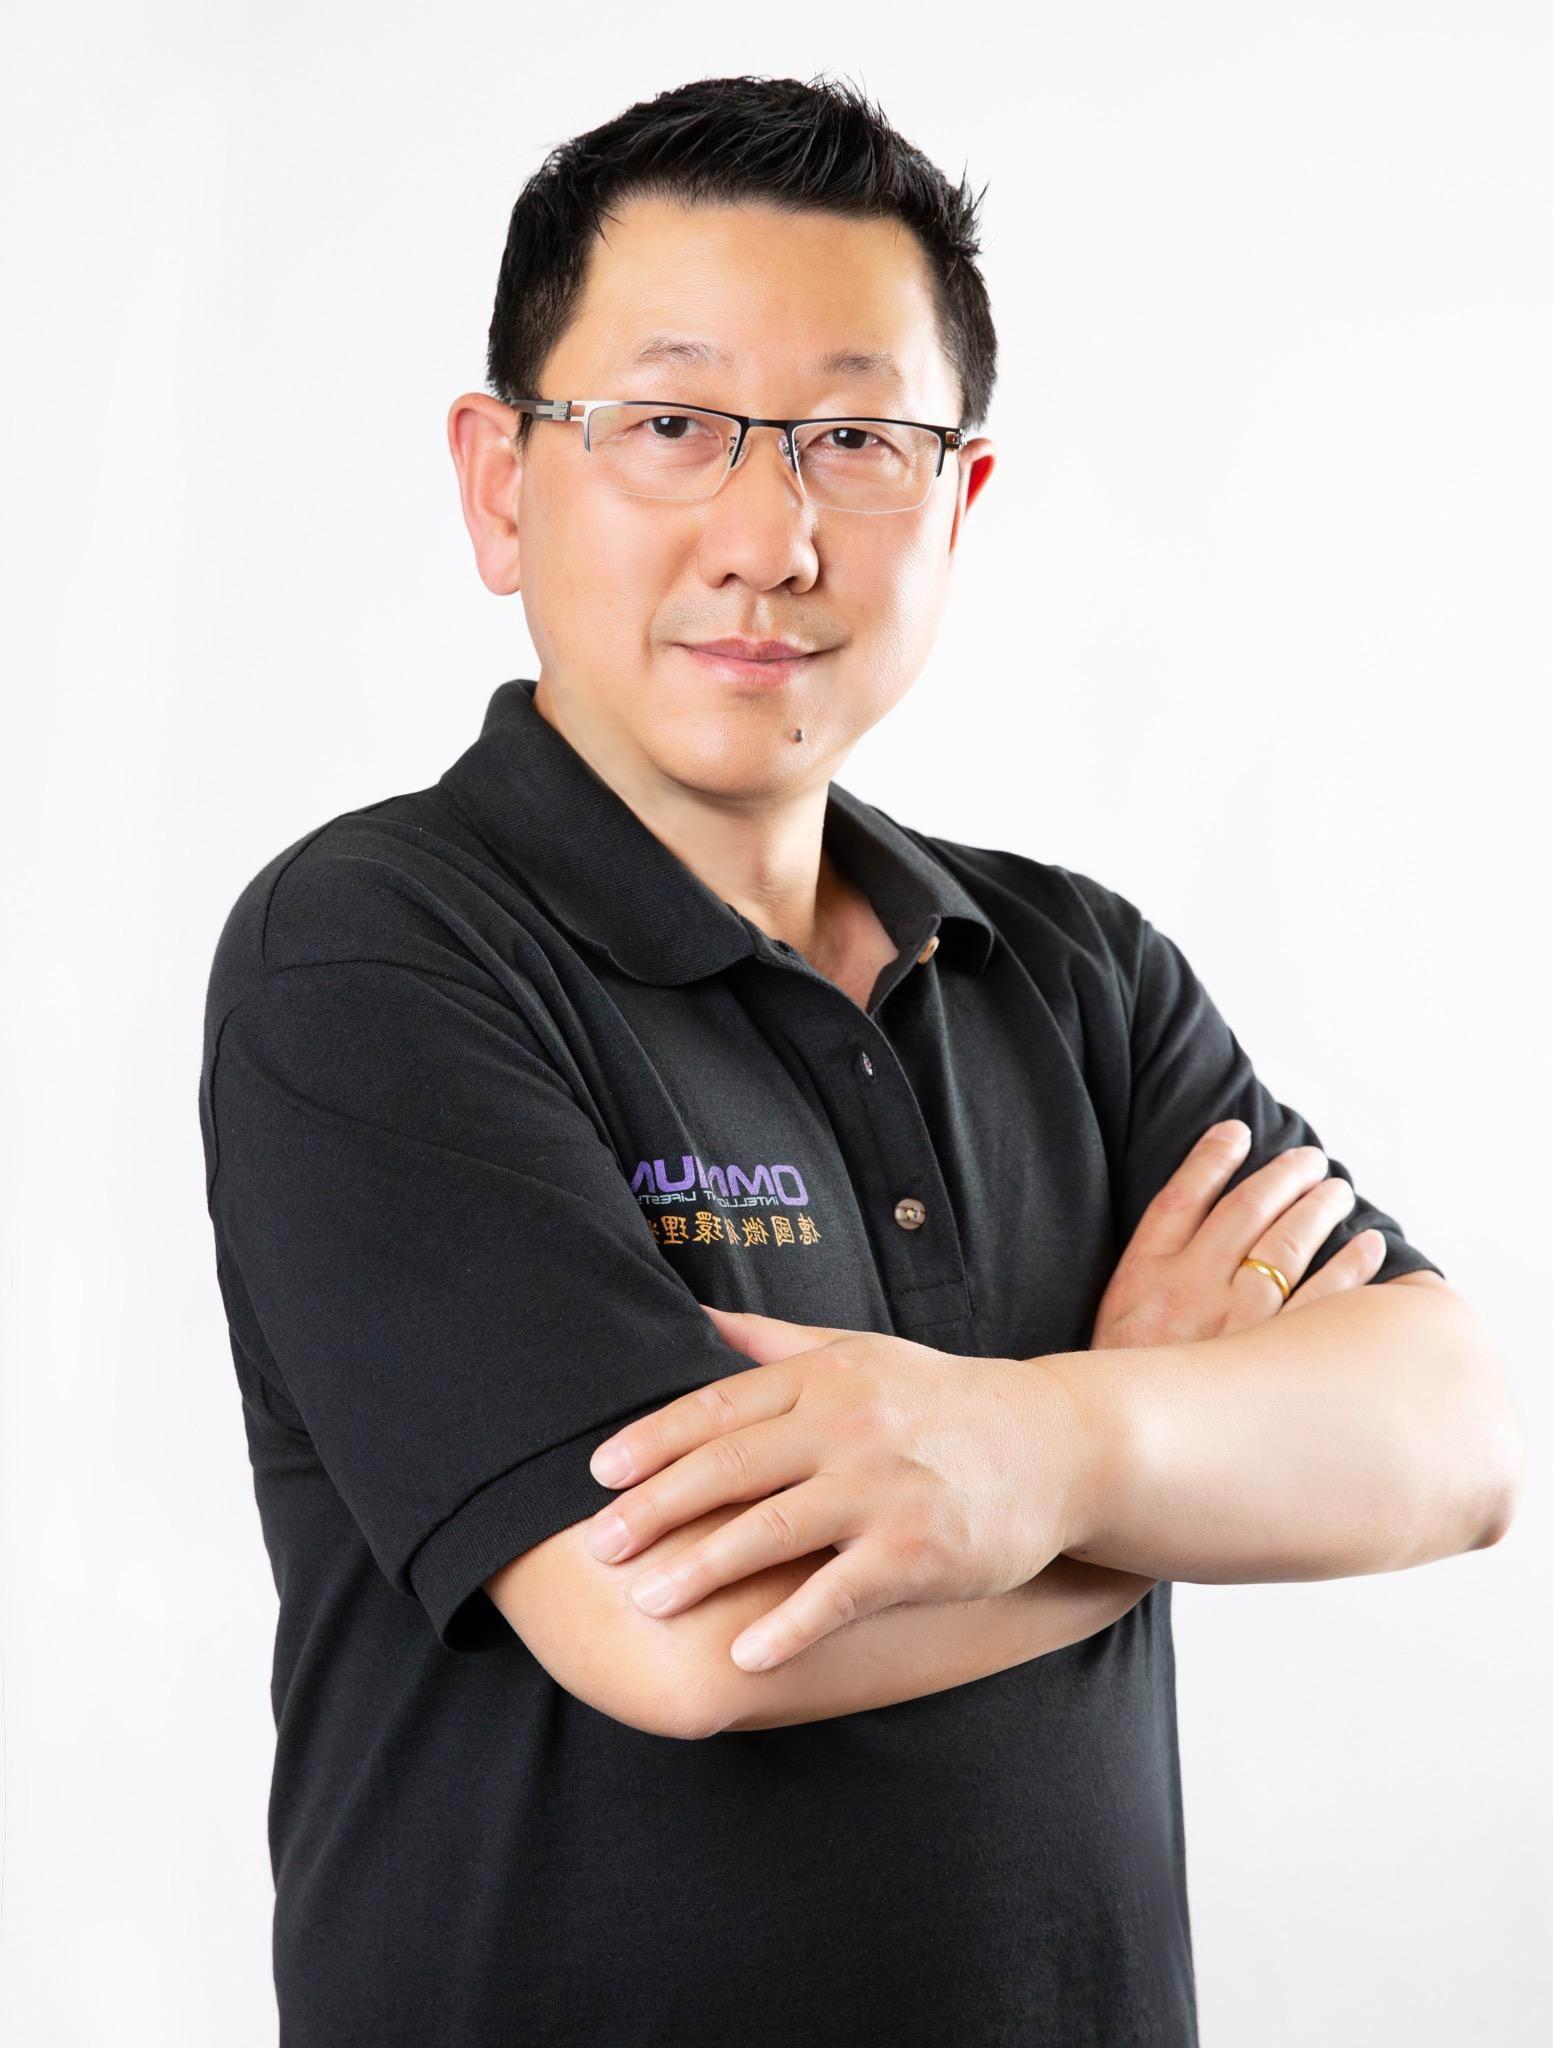 David陳將針對:「如何維持體內血液循環的暢通」做精闢的分析。